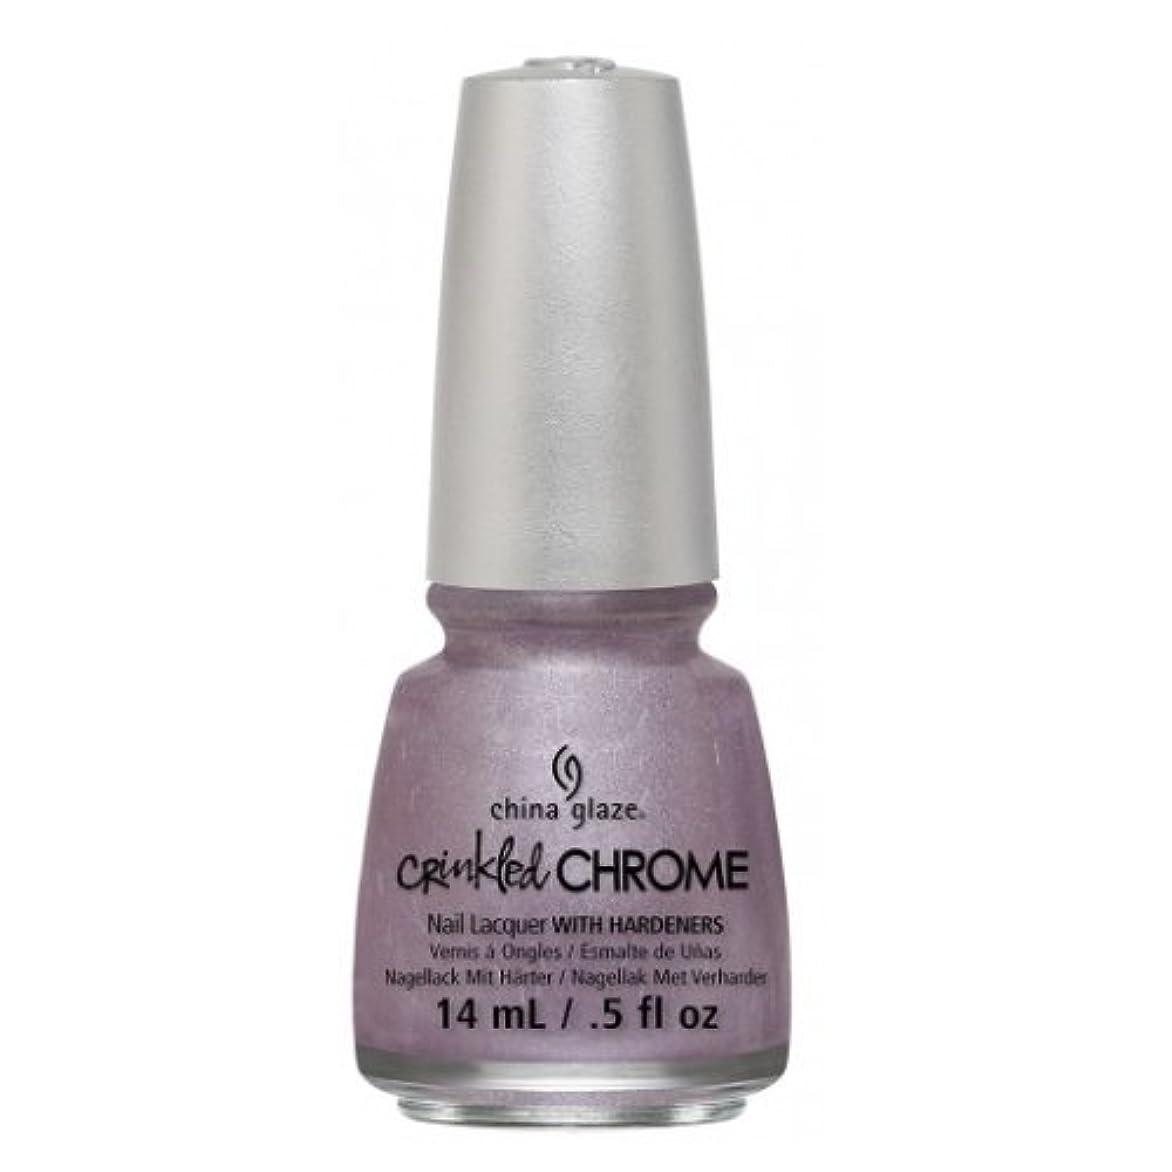 コーンウォールスペシャリスト列挙するCHINA GLAZE Nail Lacquer - Crinkled Chrome - Crush, Crush, Baby (並行輸入品)